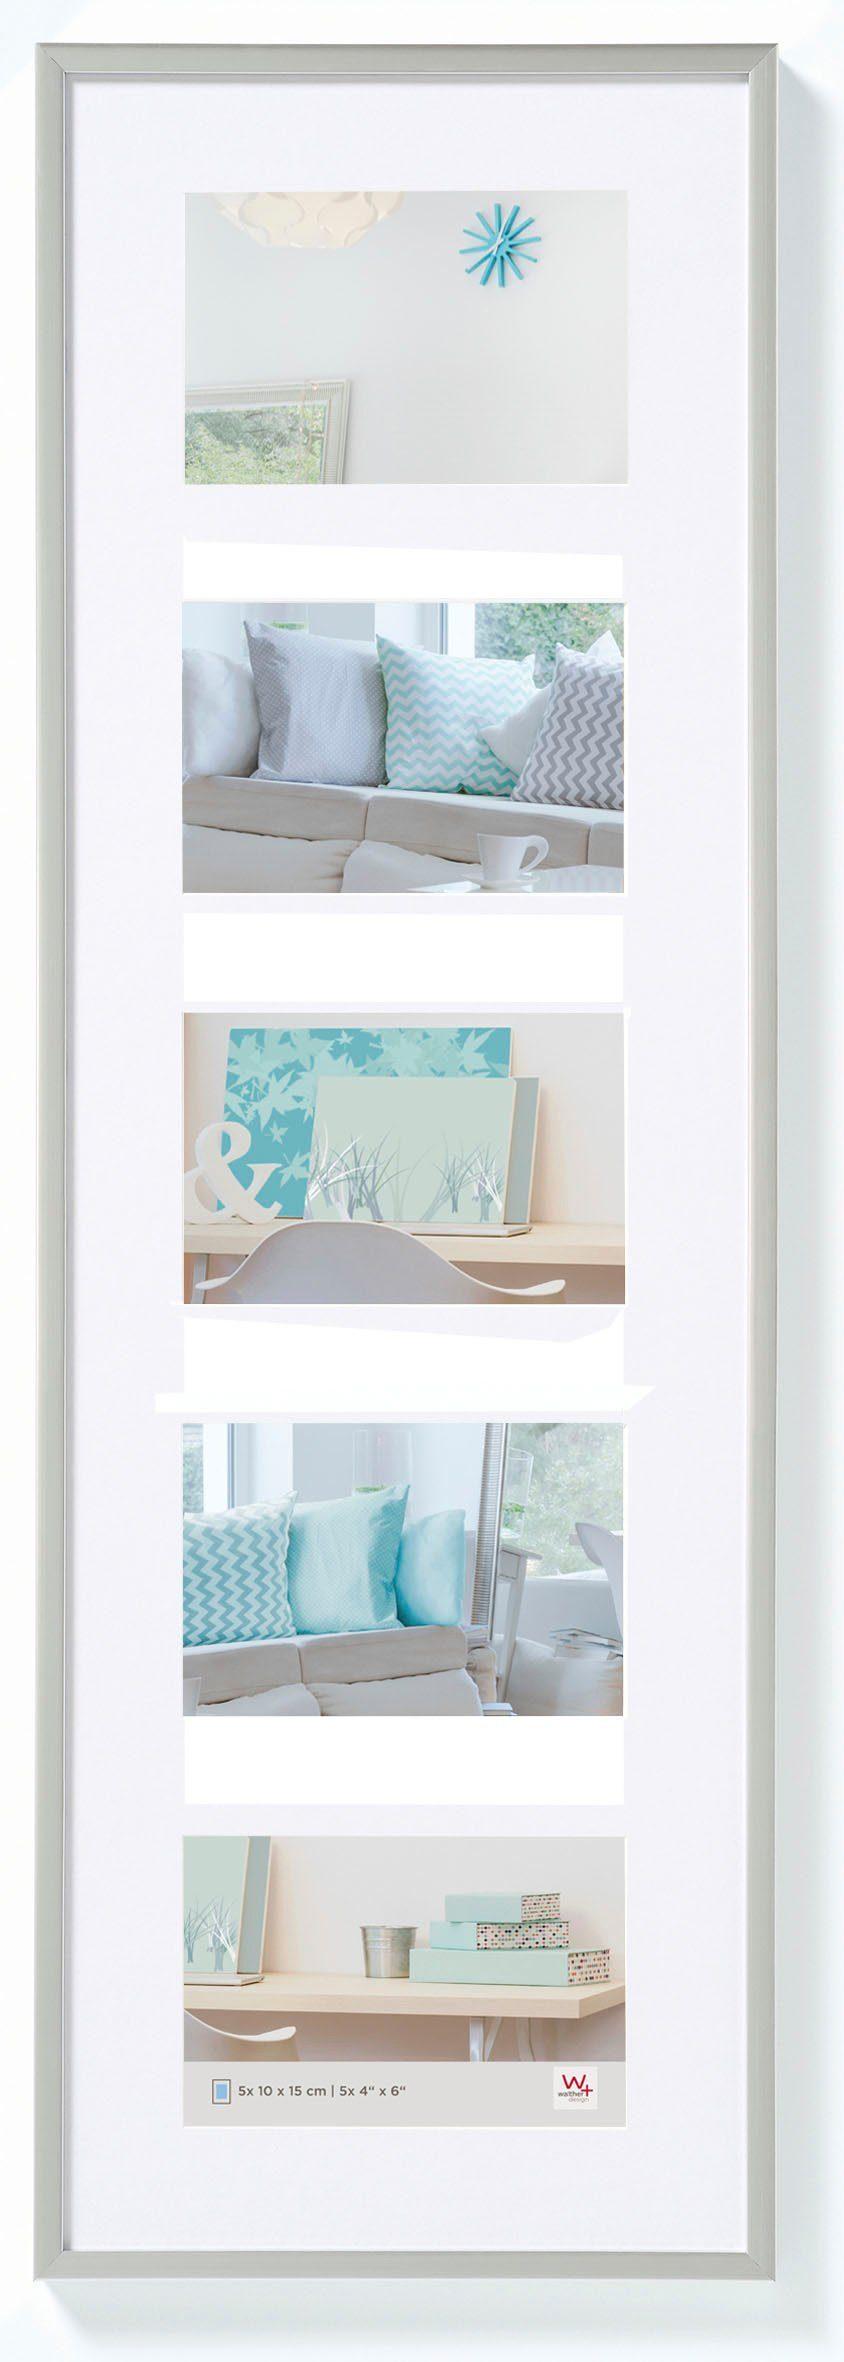 Walther Design New Lifestyle Fotolijst Fotoformaat 5x 10x15 cm Zilver online kopen